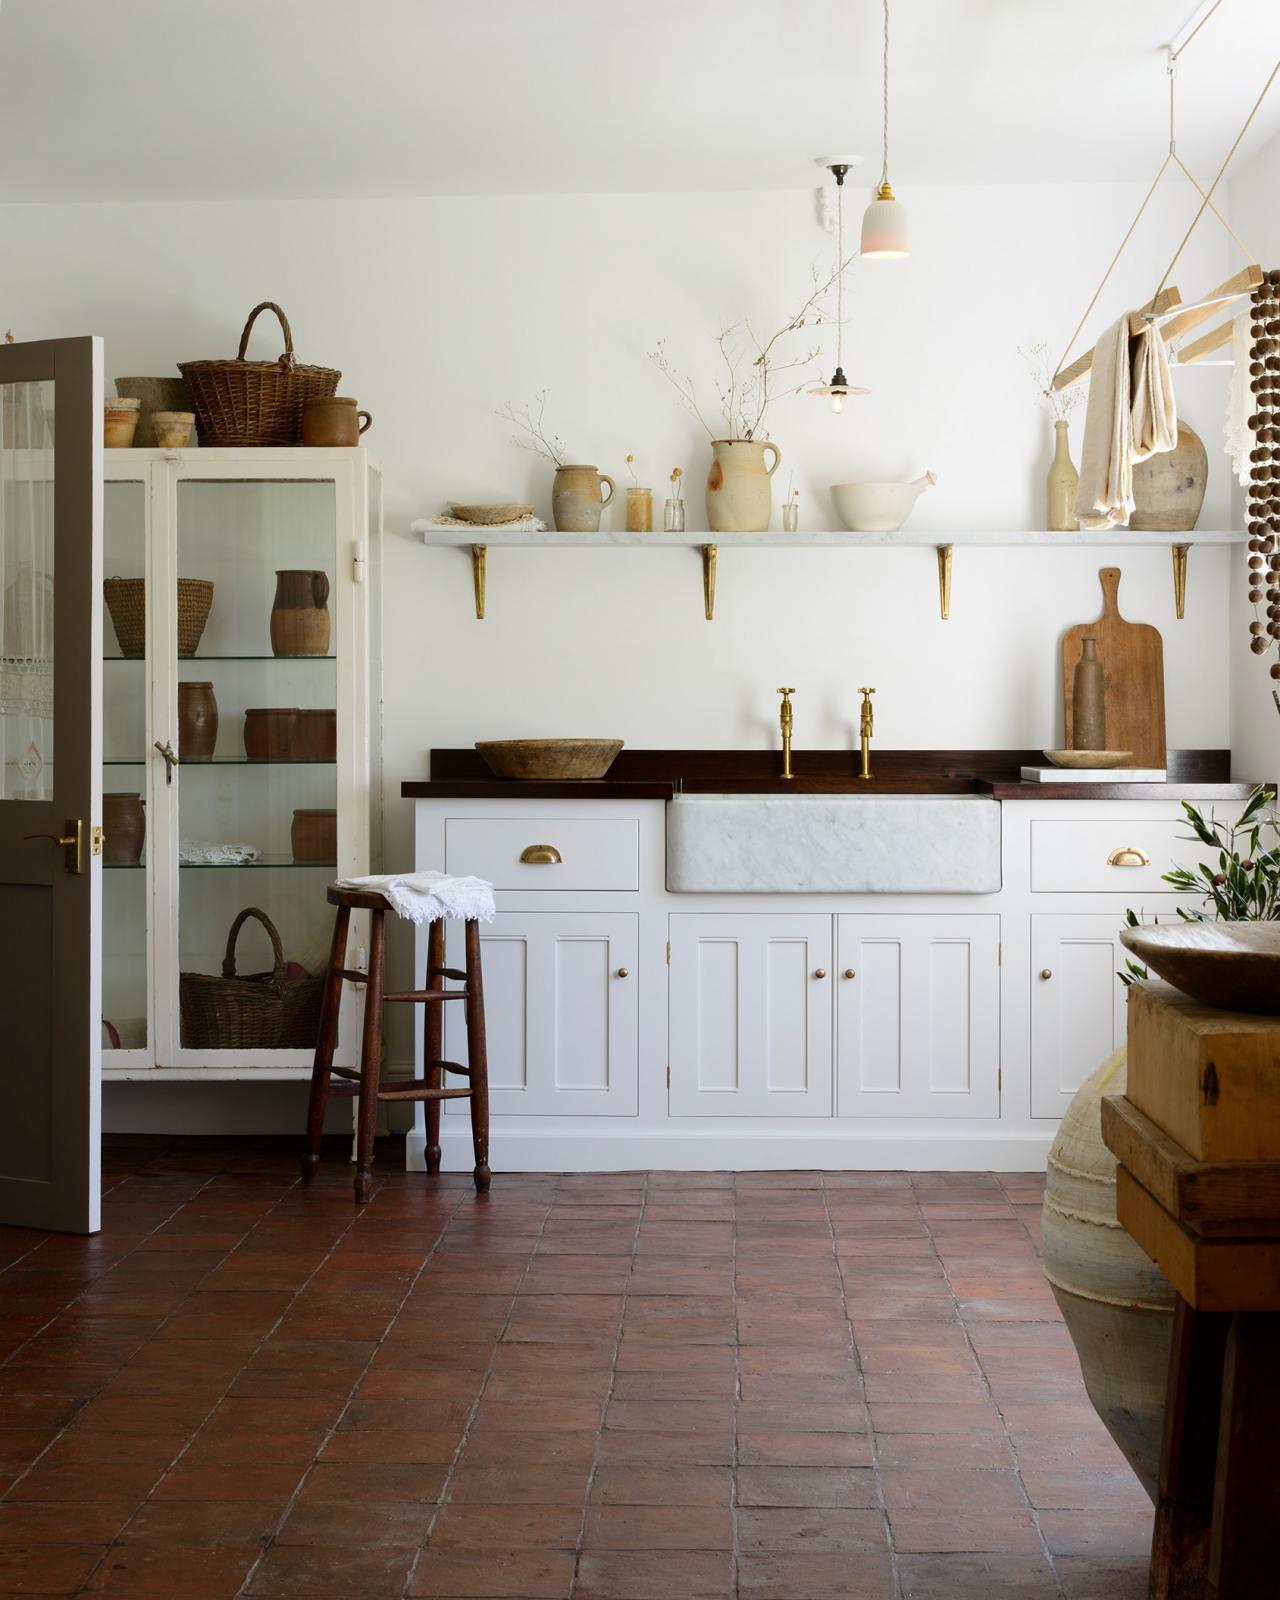 Terracotta Tiles Devol Kitchens